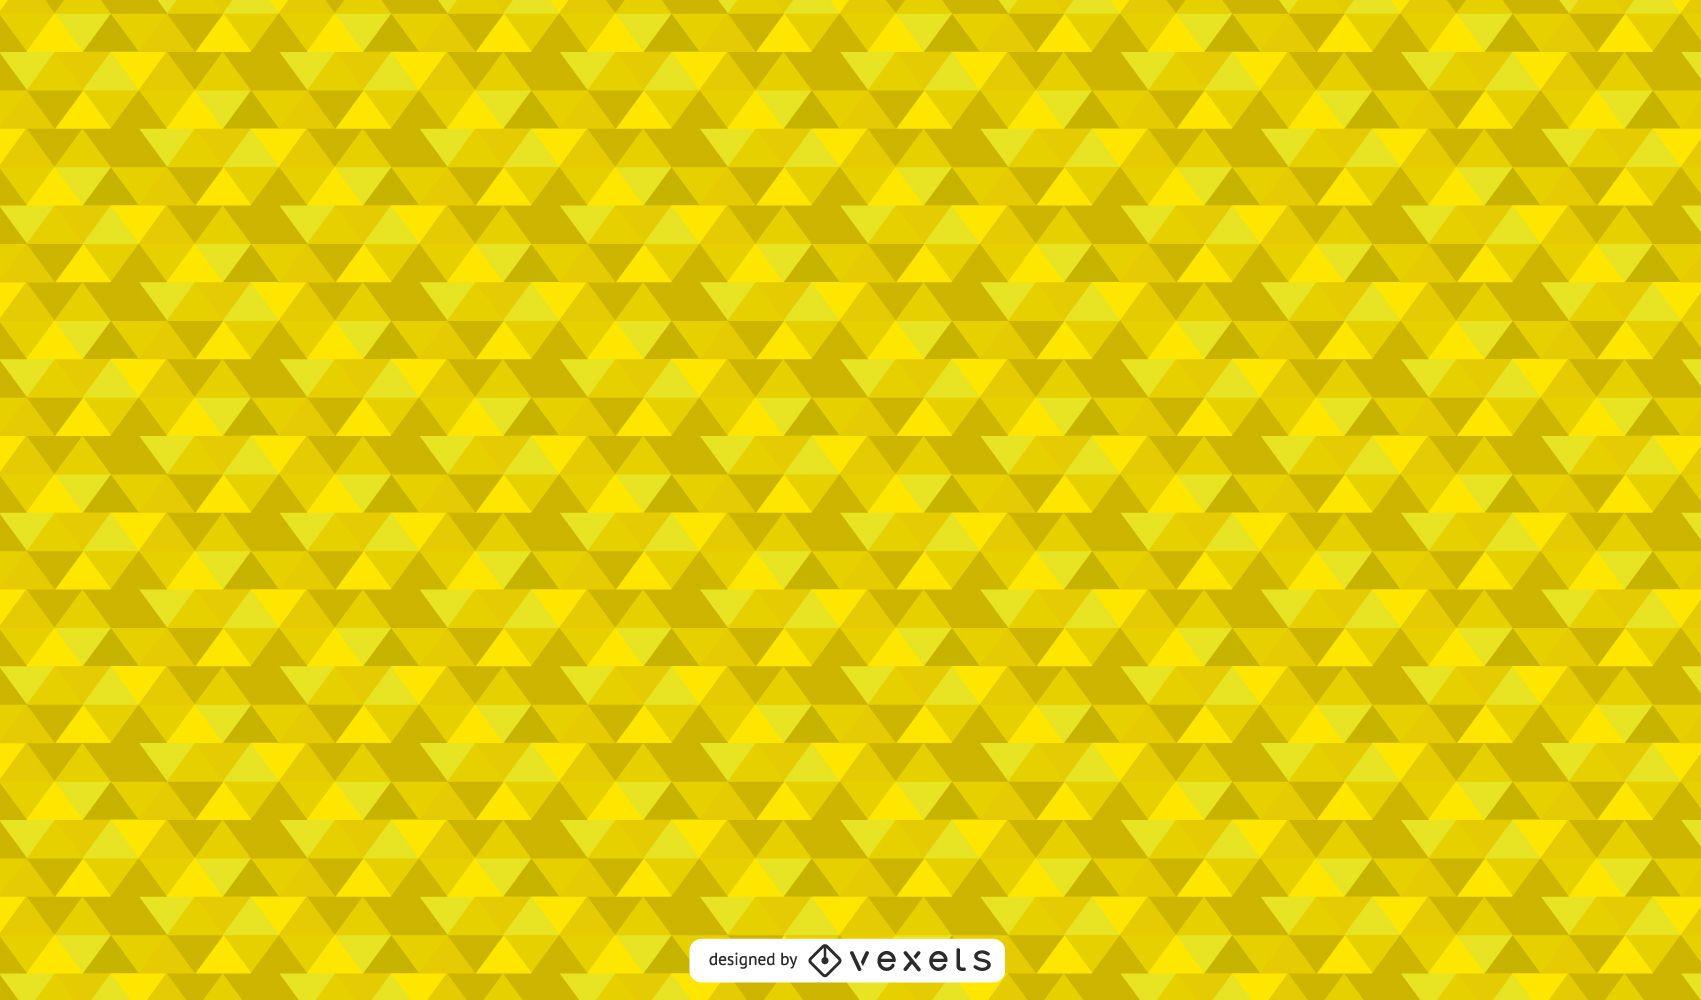 Papel pintado abstracto geométrico amarillo vibrante